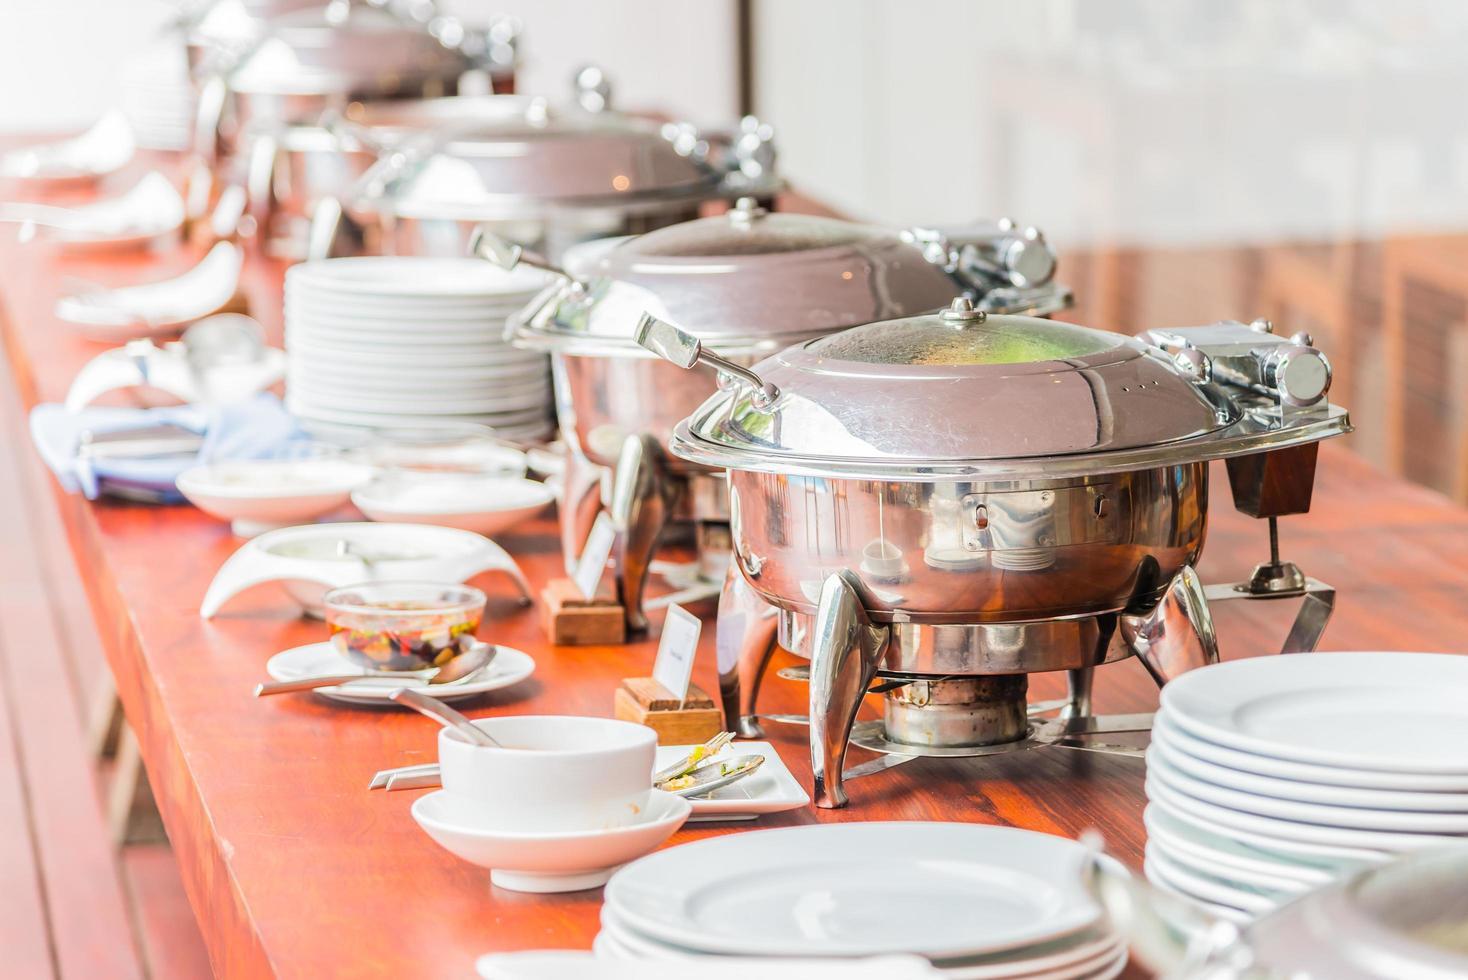 restauration buffet photo